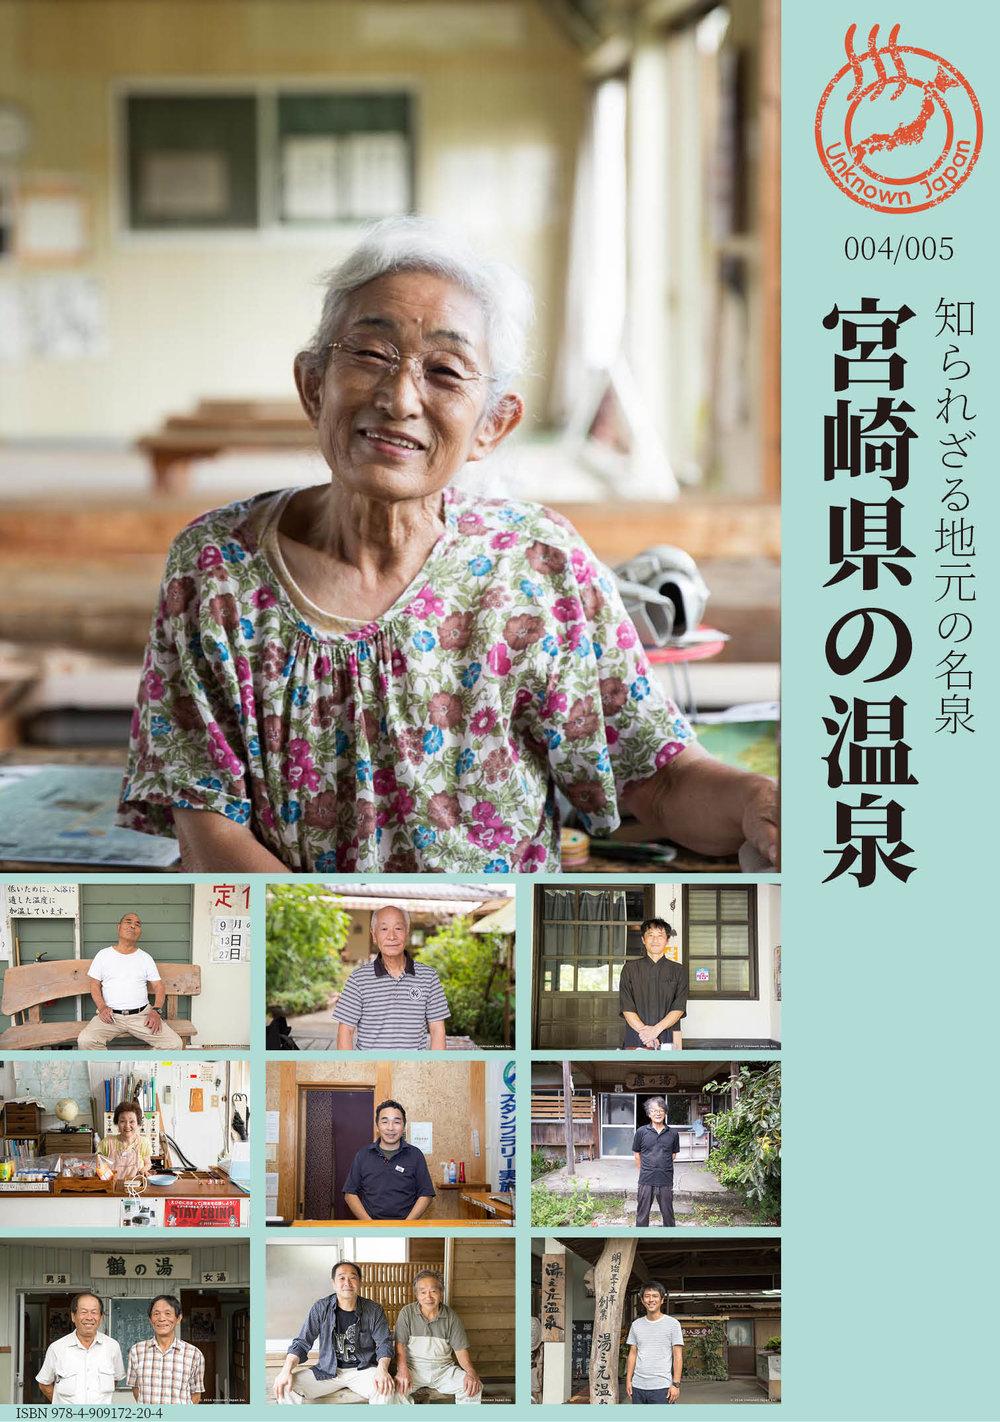 電子書籍「知られざる地元の名泉 004 宮崎県の温泉」   390円(税込)